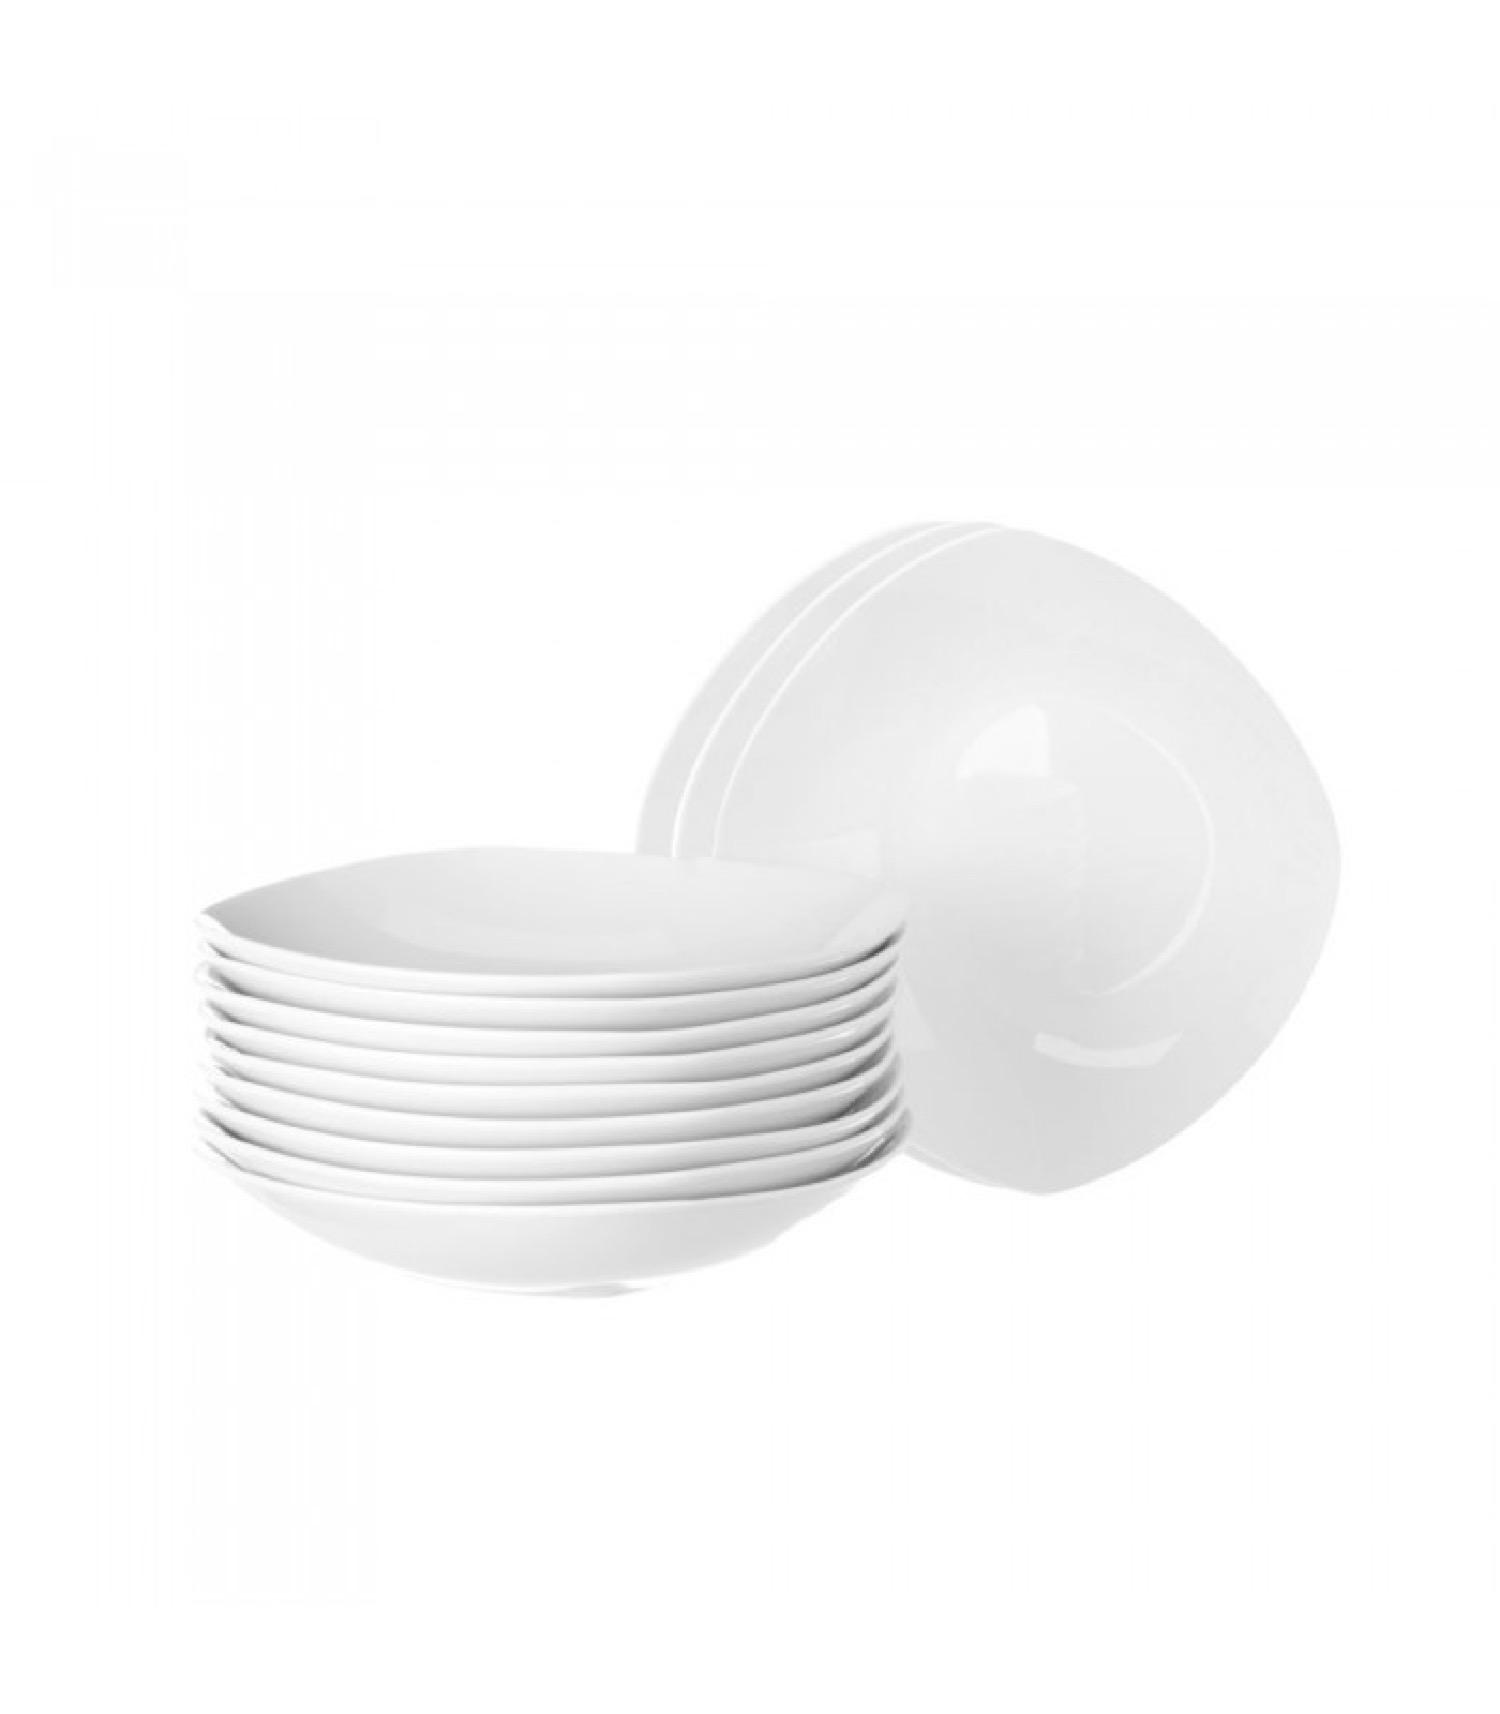 Assiette à soupe carrée en porcelaine blanche - Lot de 12